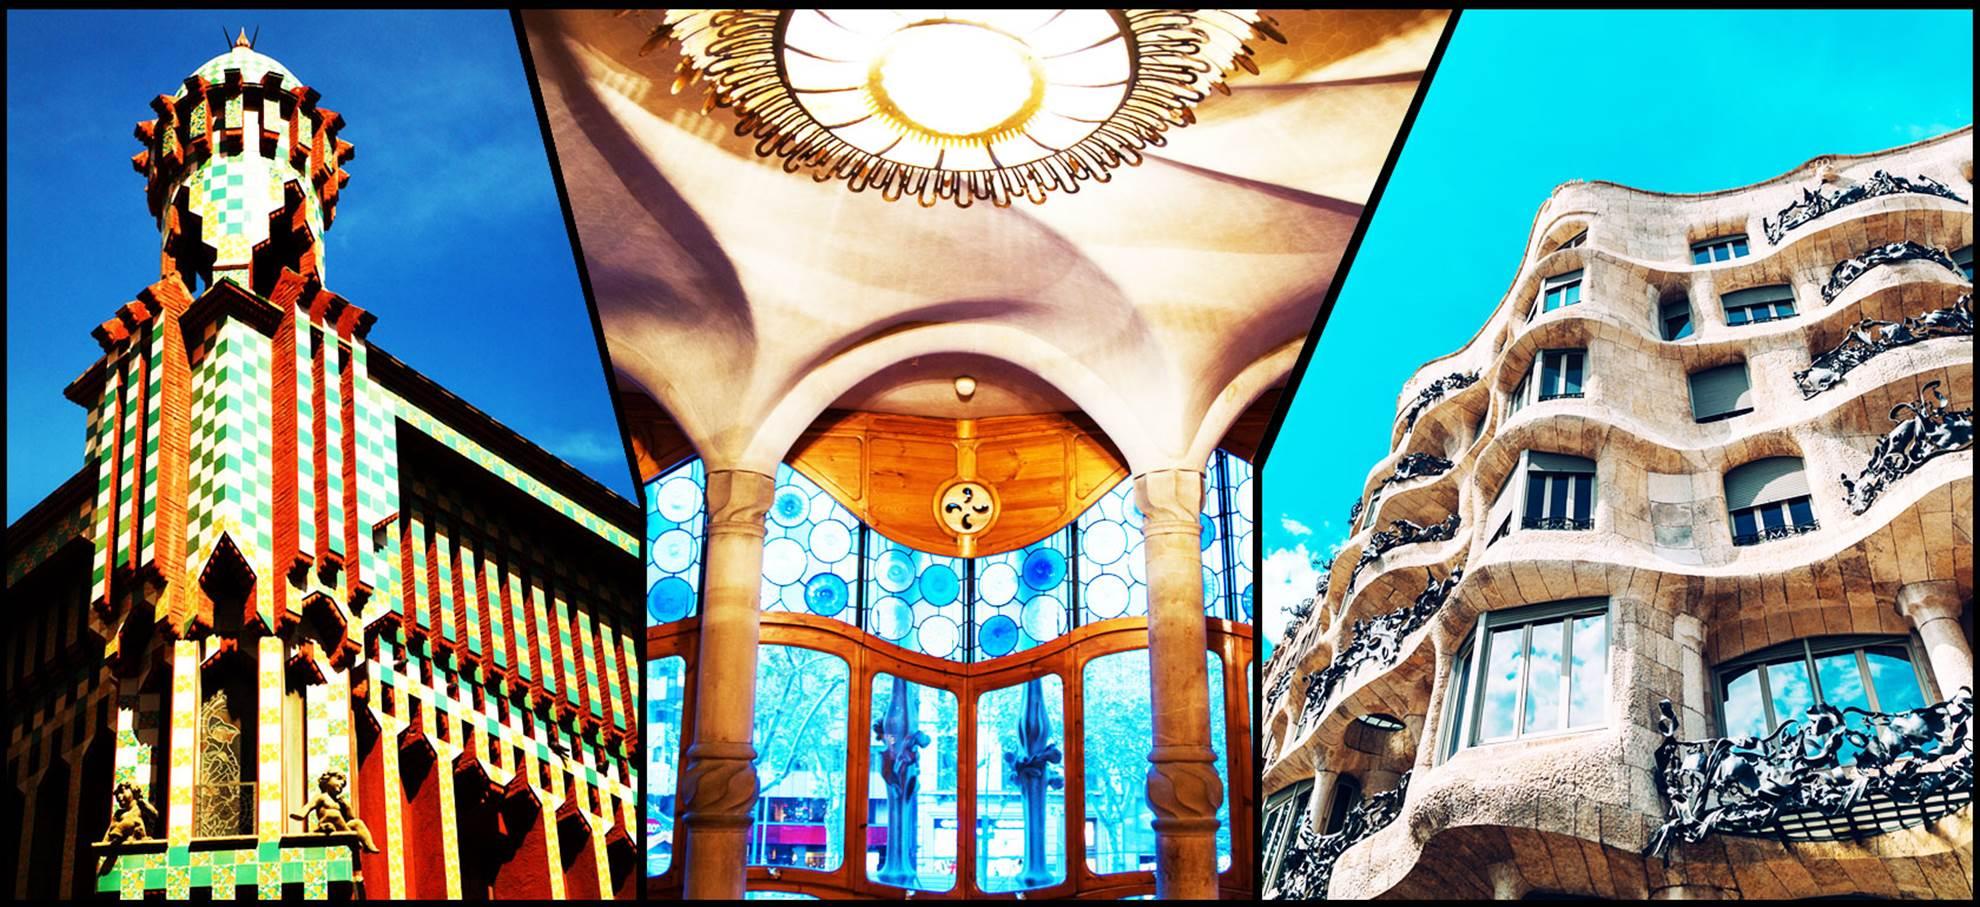 Les 3 Maisons de Gaudi: billets coupe-file pour Casa Batllo, la Casa Mila et la Casa Vicens !